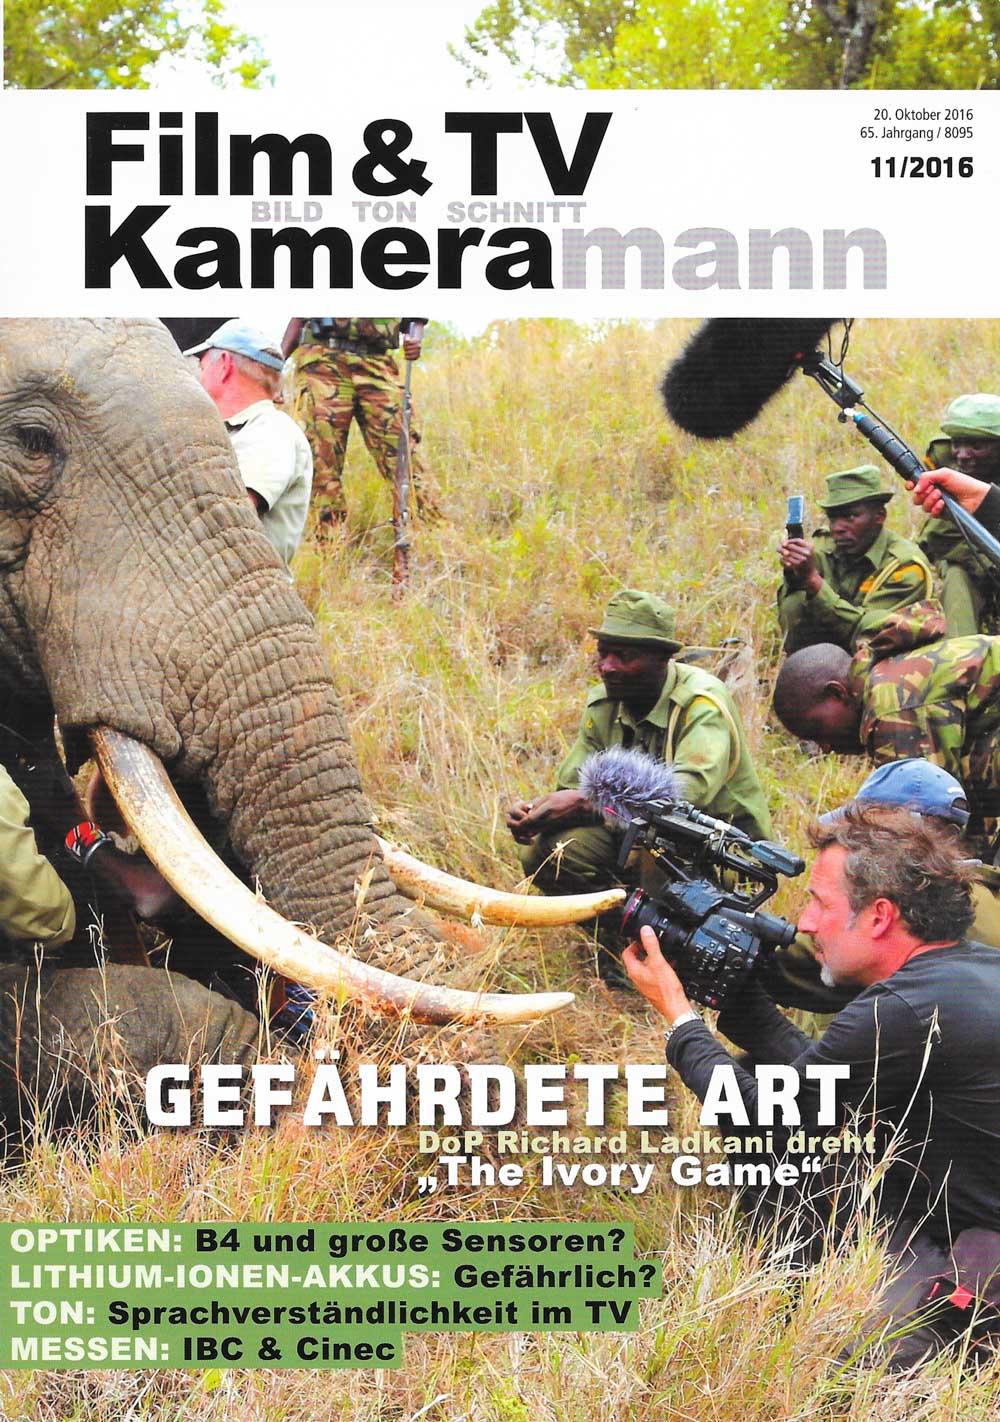 Film und TV Kameramann